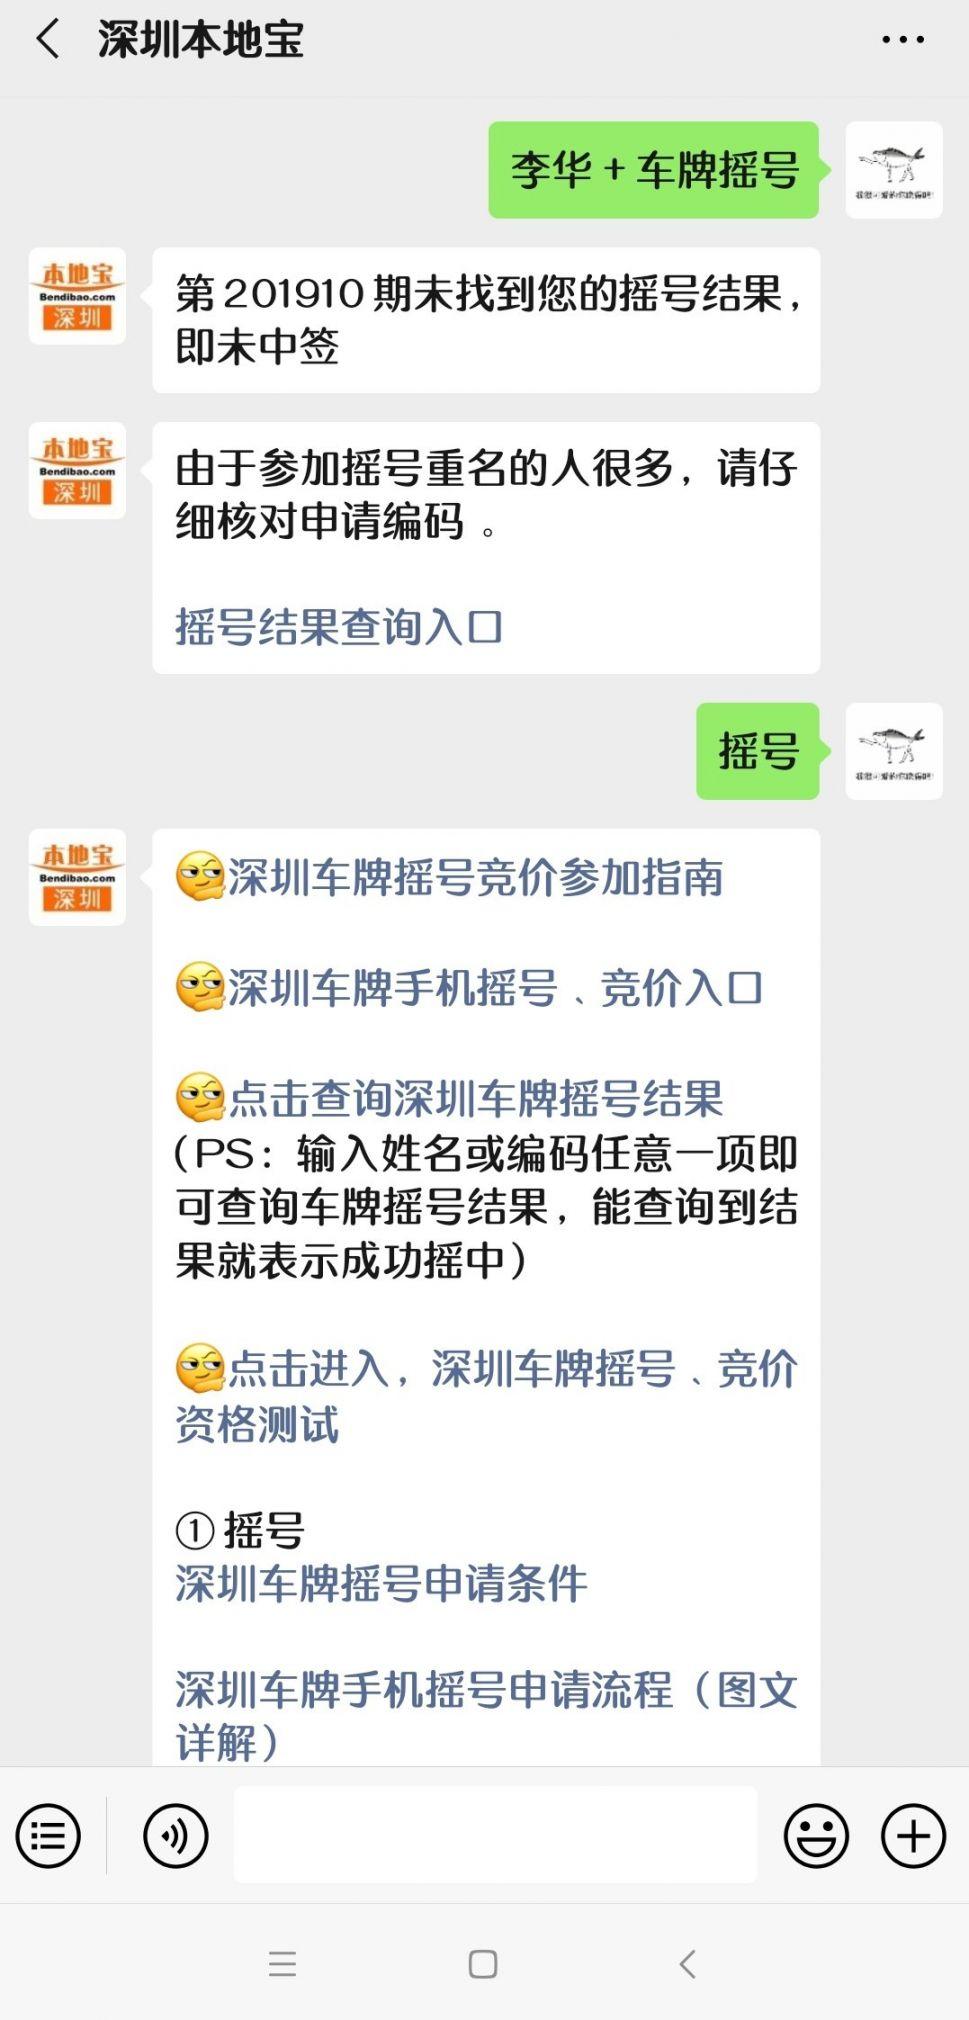 http://www.szminfu.com/shishangchaoliu/43592.html